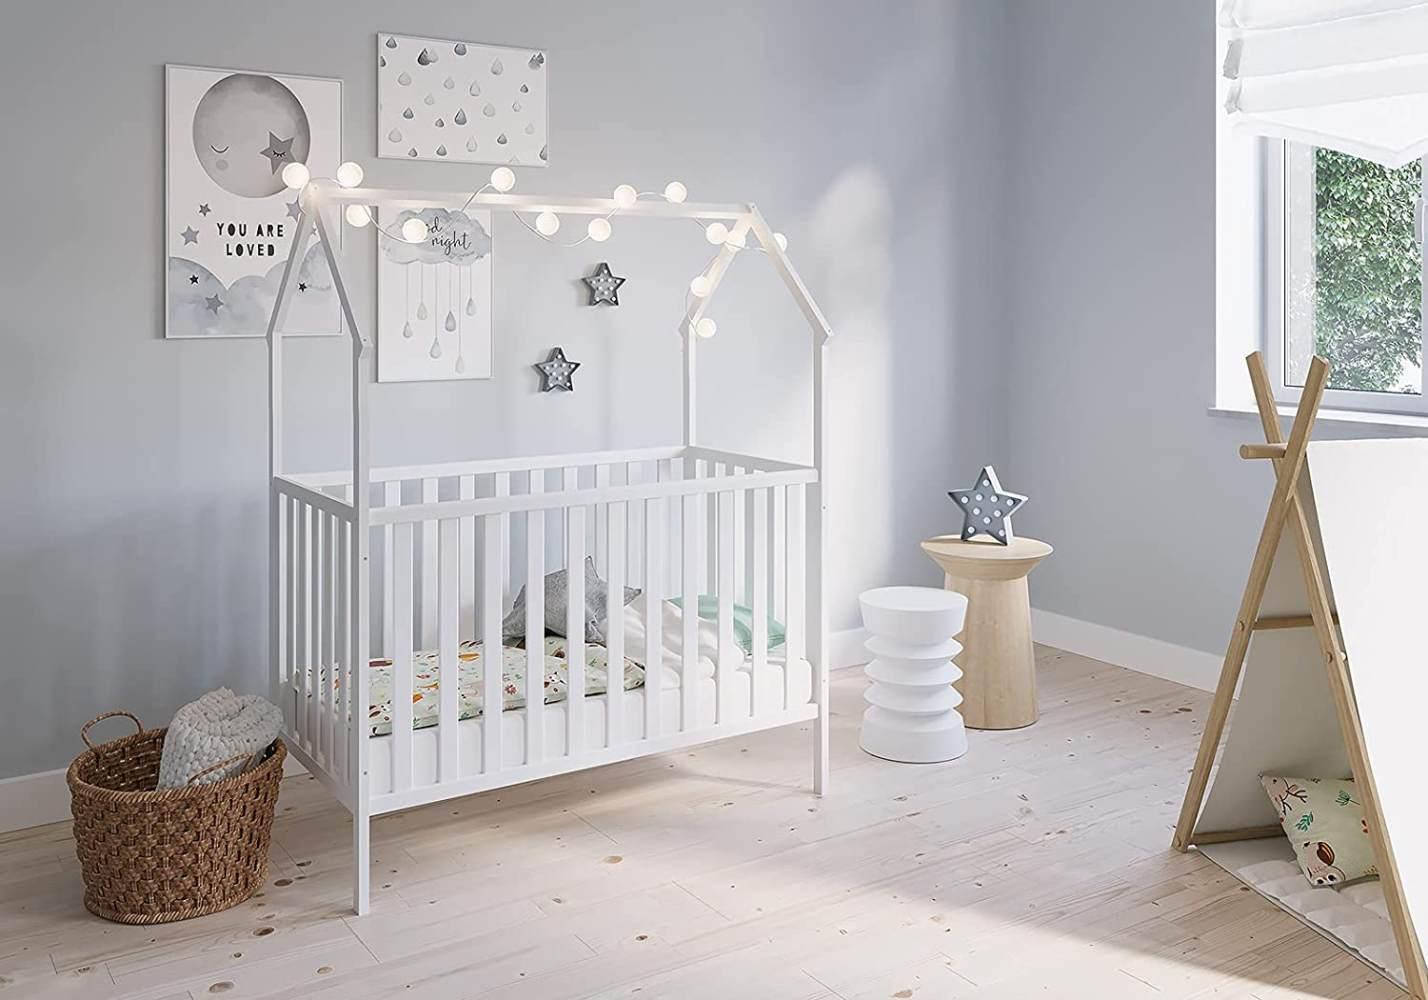 FabiMax 'Schlafmütze' Kinderbett, 60 x 120 cm, weiß, Kiefer massiv, 3-fach höhenverstellbar, umbaubar Bild 1